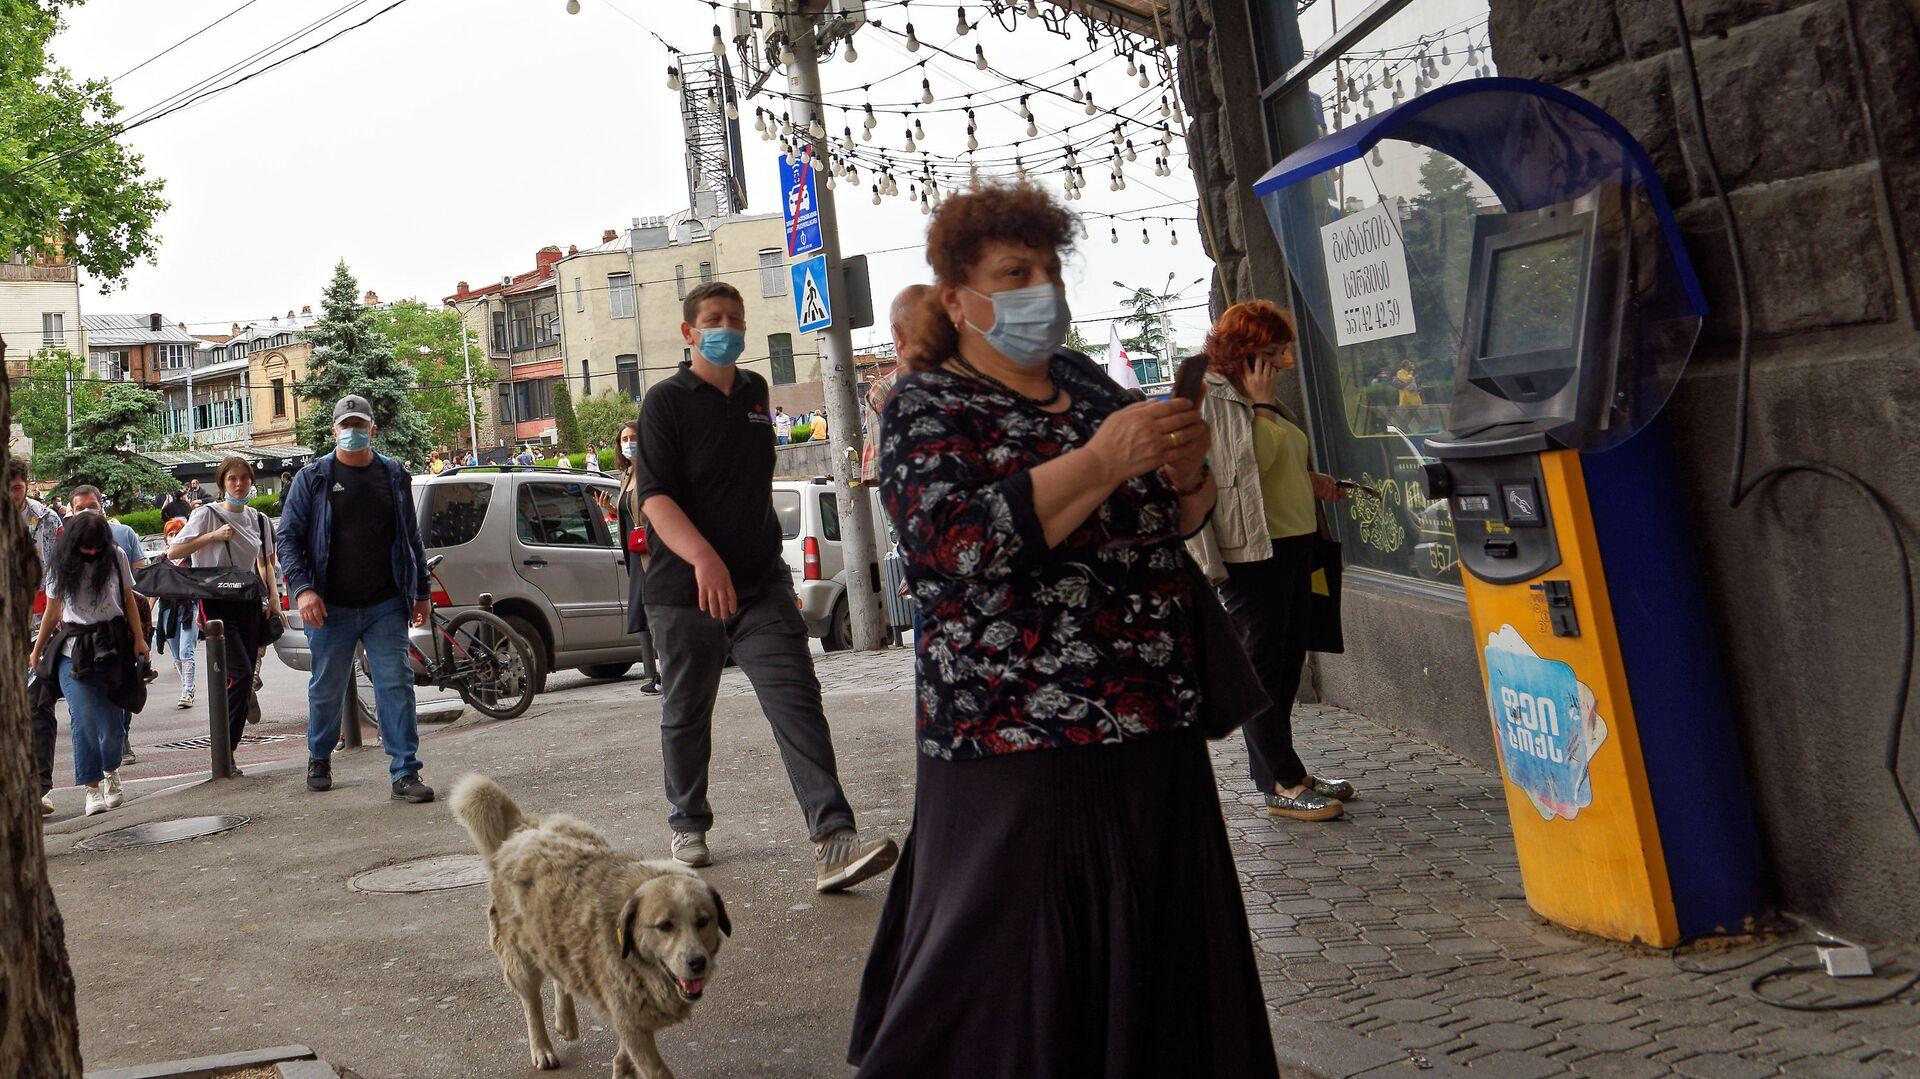 Эпидемия коронавируса - прохожие на улице в масках  - Sputnik Грузия, 1920, 07.07.2021